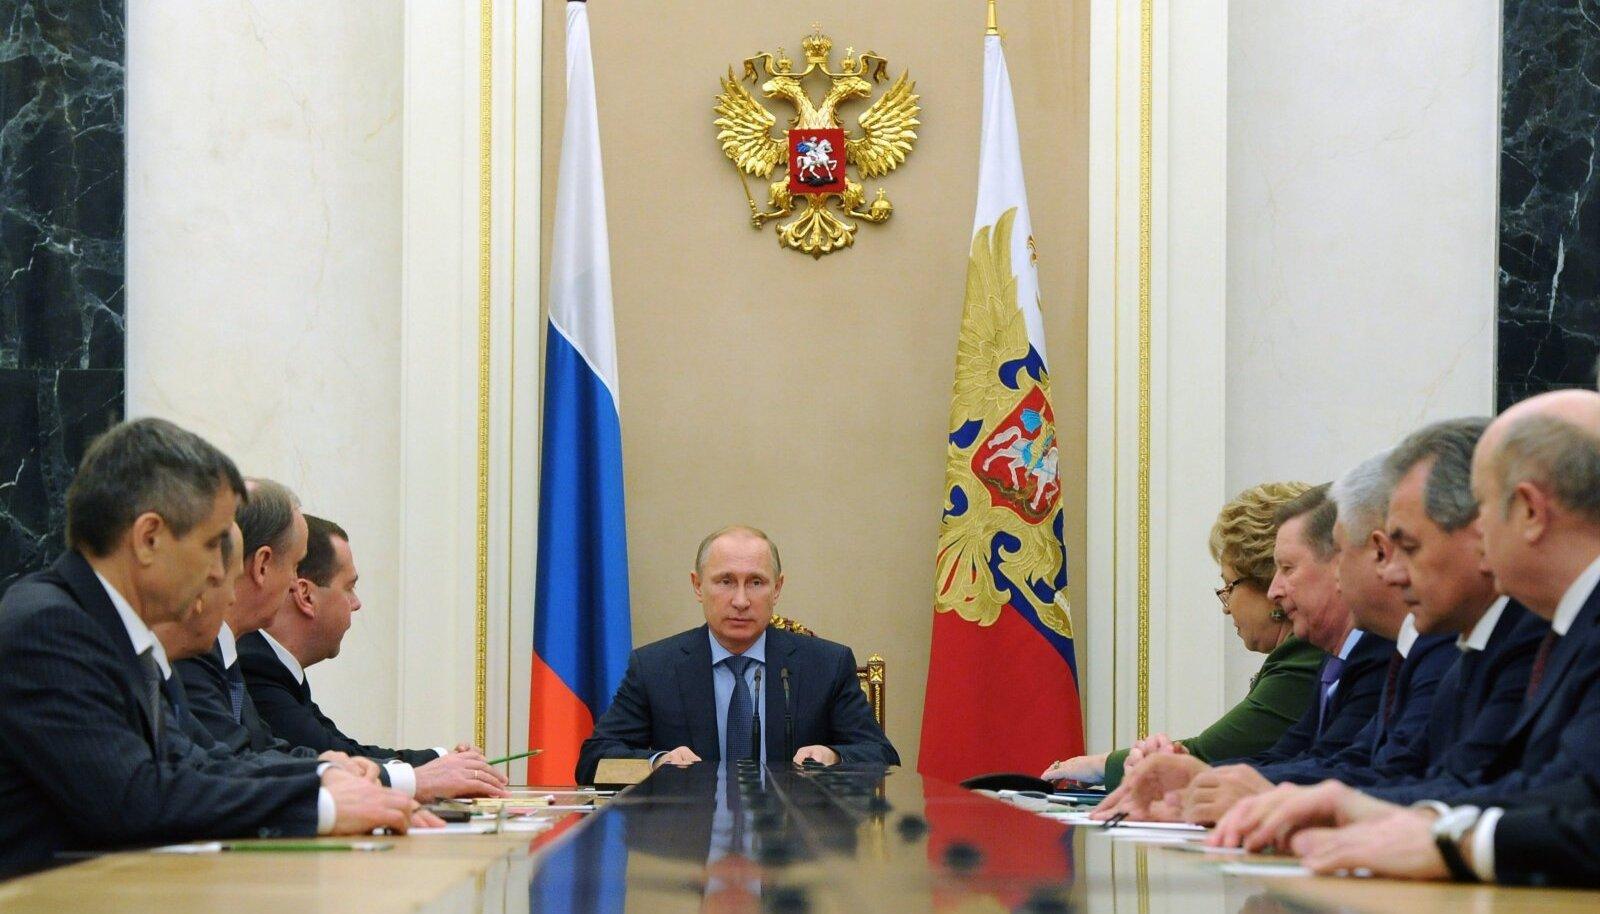 Moskva püüab jätta muljet, et nemad on Lääne ülekohtuse surve ja rünnaku all.